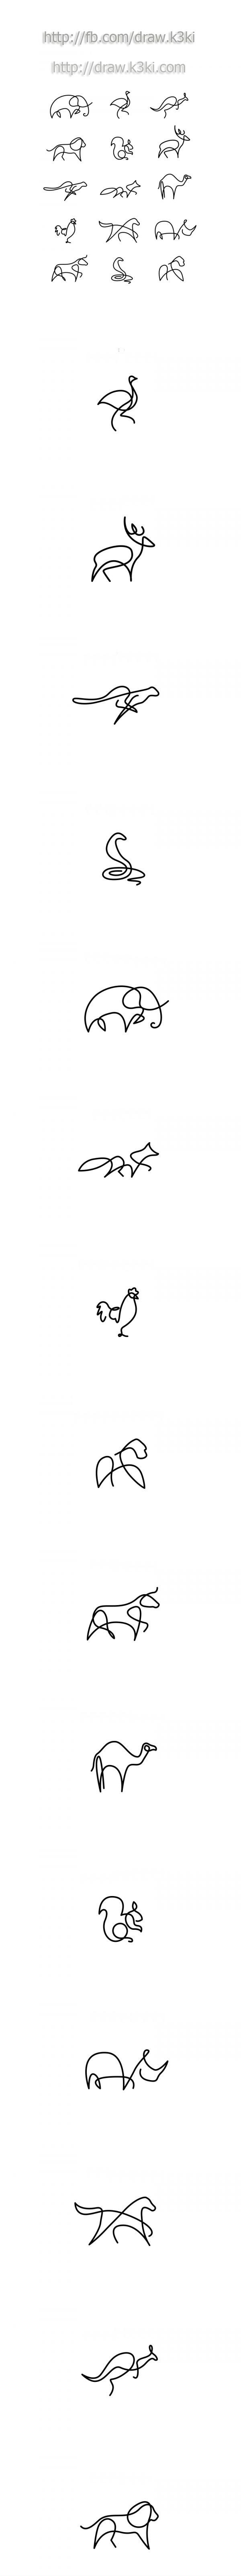 رسم الحيوانات بخط واحد وببساطة